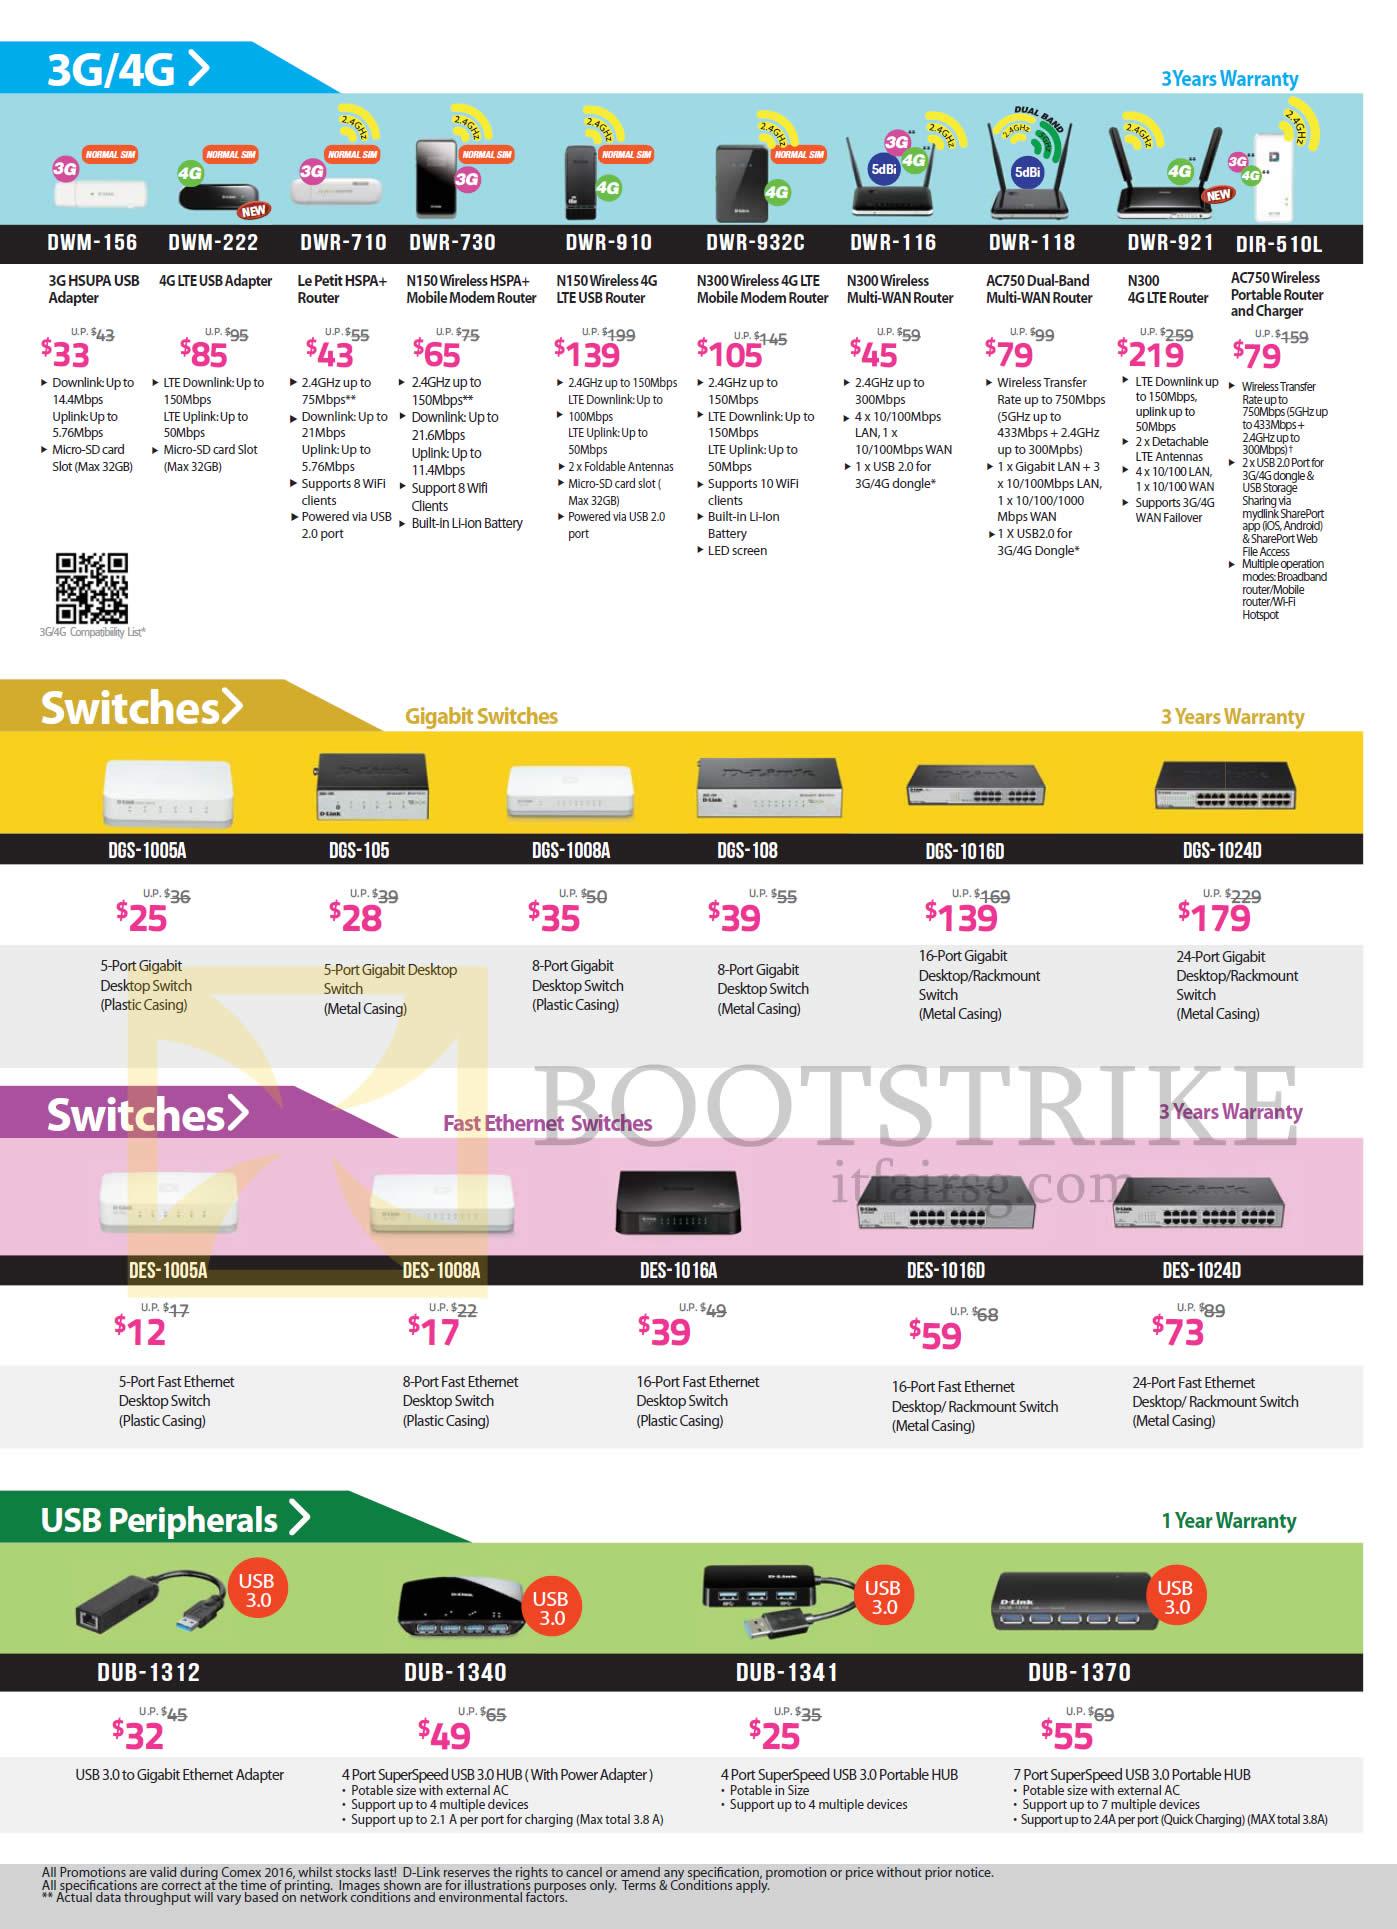 COMEX 2016 price list image brochure of D-Link Networking 3G, 4G, Switches, USB, DWM-156, 222, DWR-710, 730, 910, 932C, 116, 118, 921, DGS-1005A, 105, 1008A, 108, 1016D, 1024D, DES-1005A, 1008A, DUB-1312